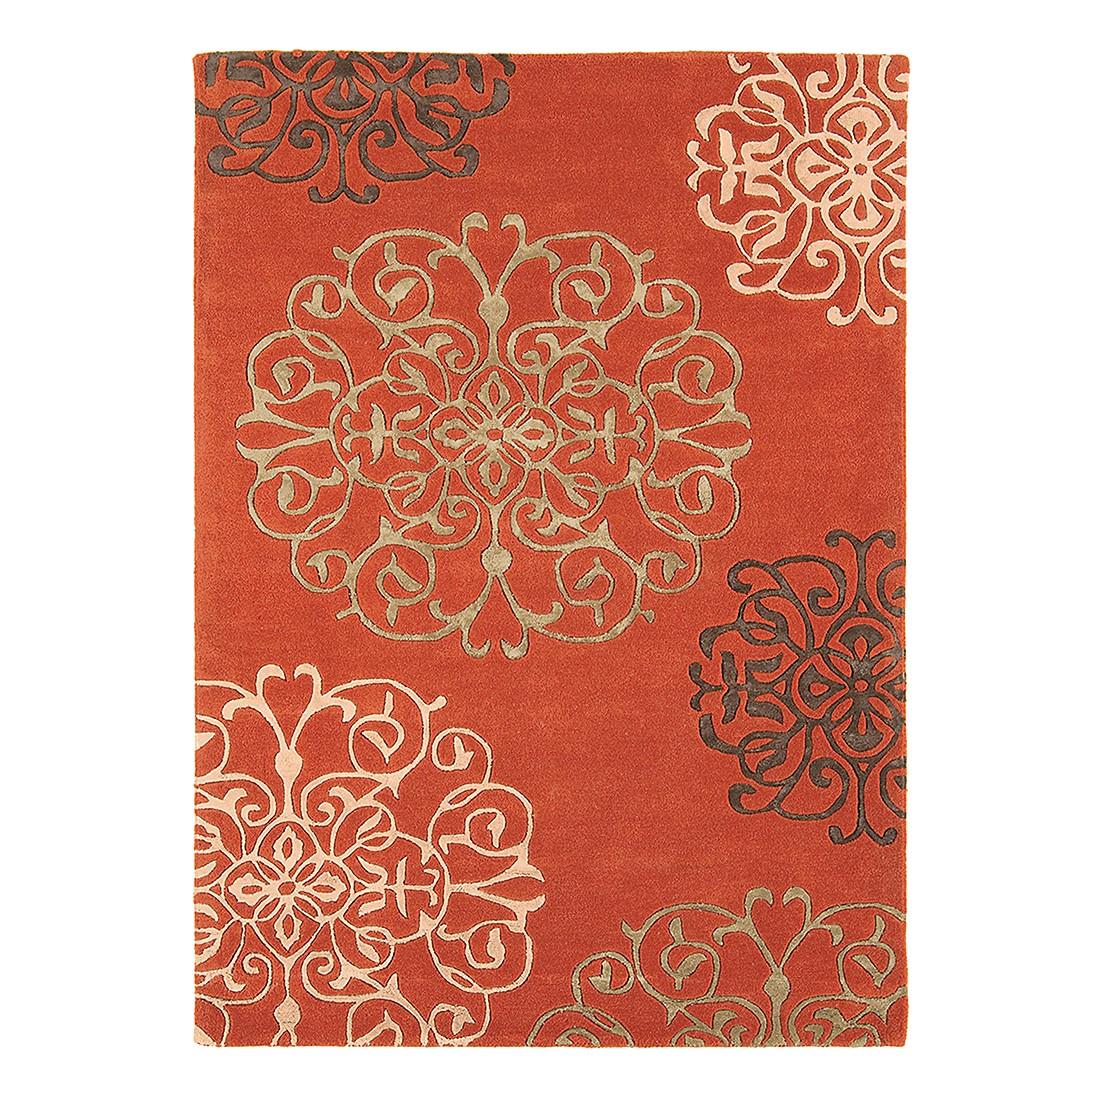 Teppich Matrix Tangier – Orange – 160 x 230 cm, benuta günstig